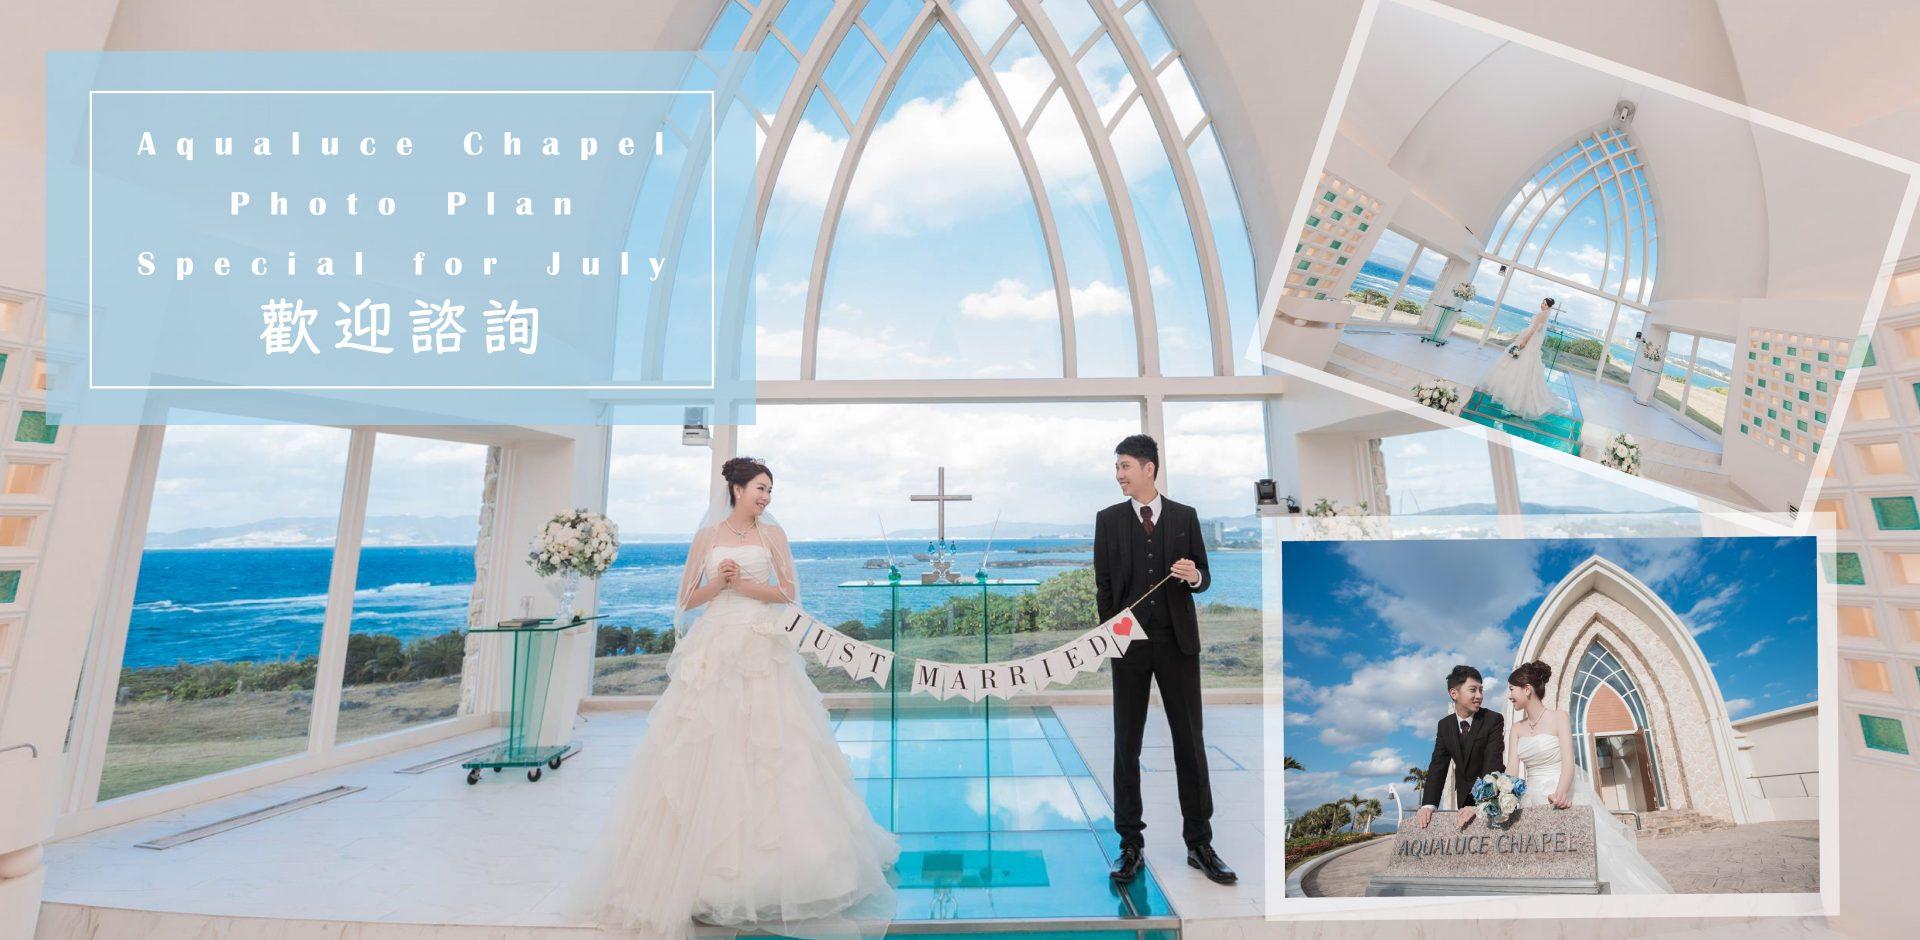 7月沖繩特選教堂婚紗拍攝優惠